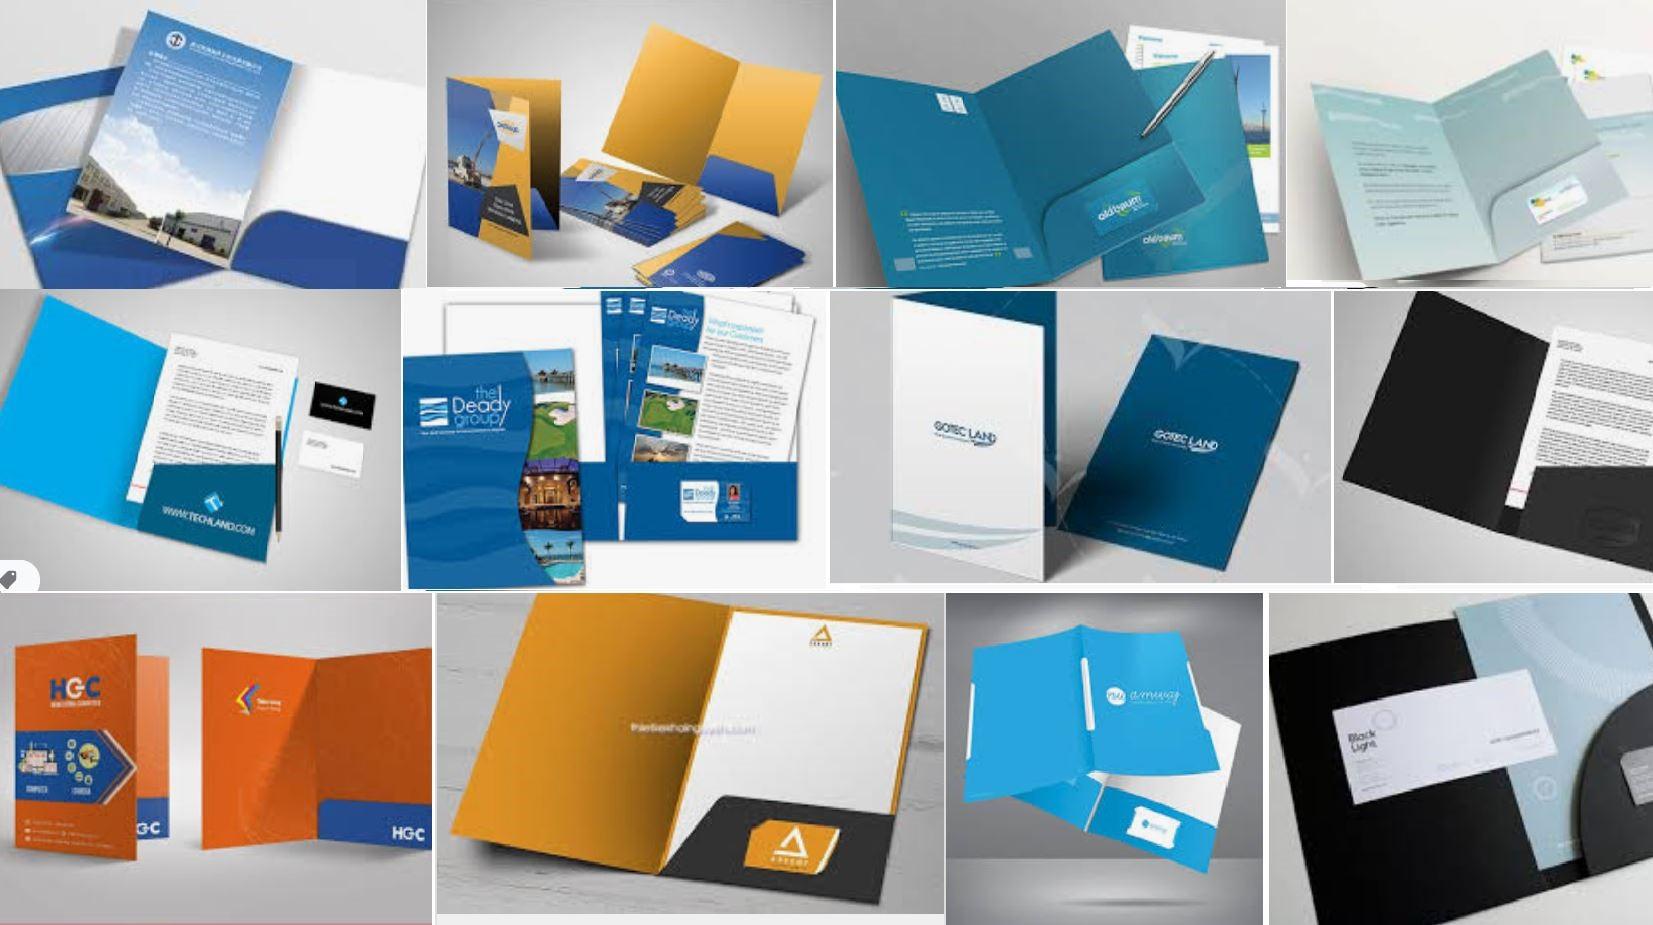 Folder là bìa đựng hồ sơ, tài liệu, một công cụ không thể thiếu để nhận diện thương hiệu cho các doanh nghiệp.